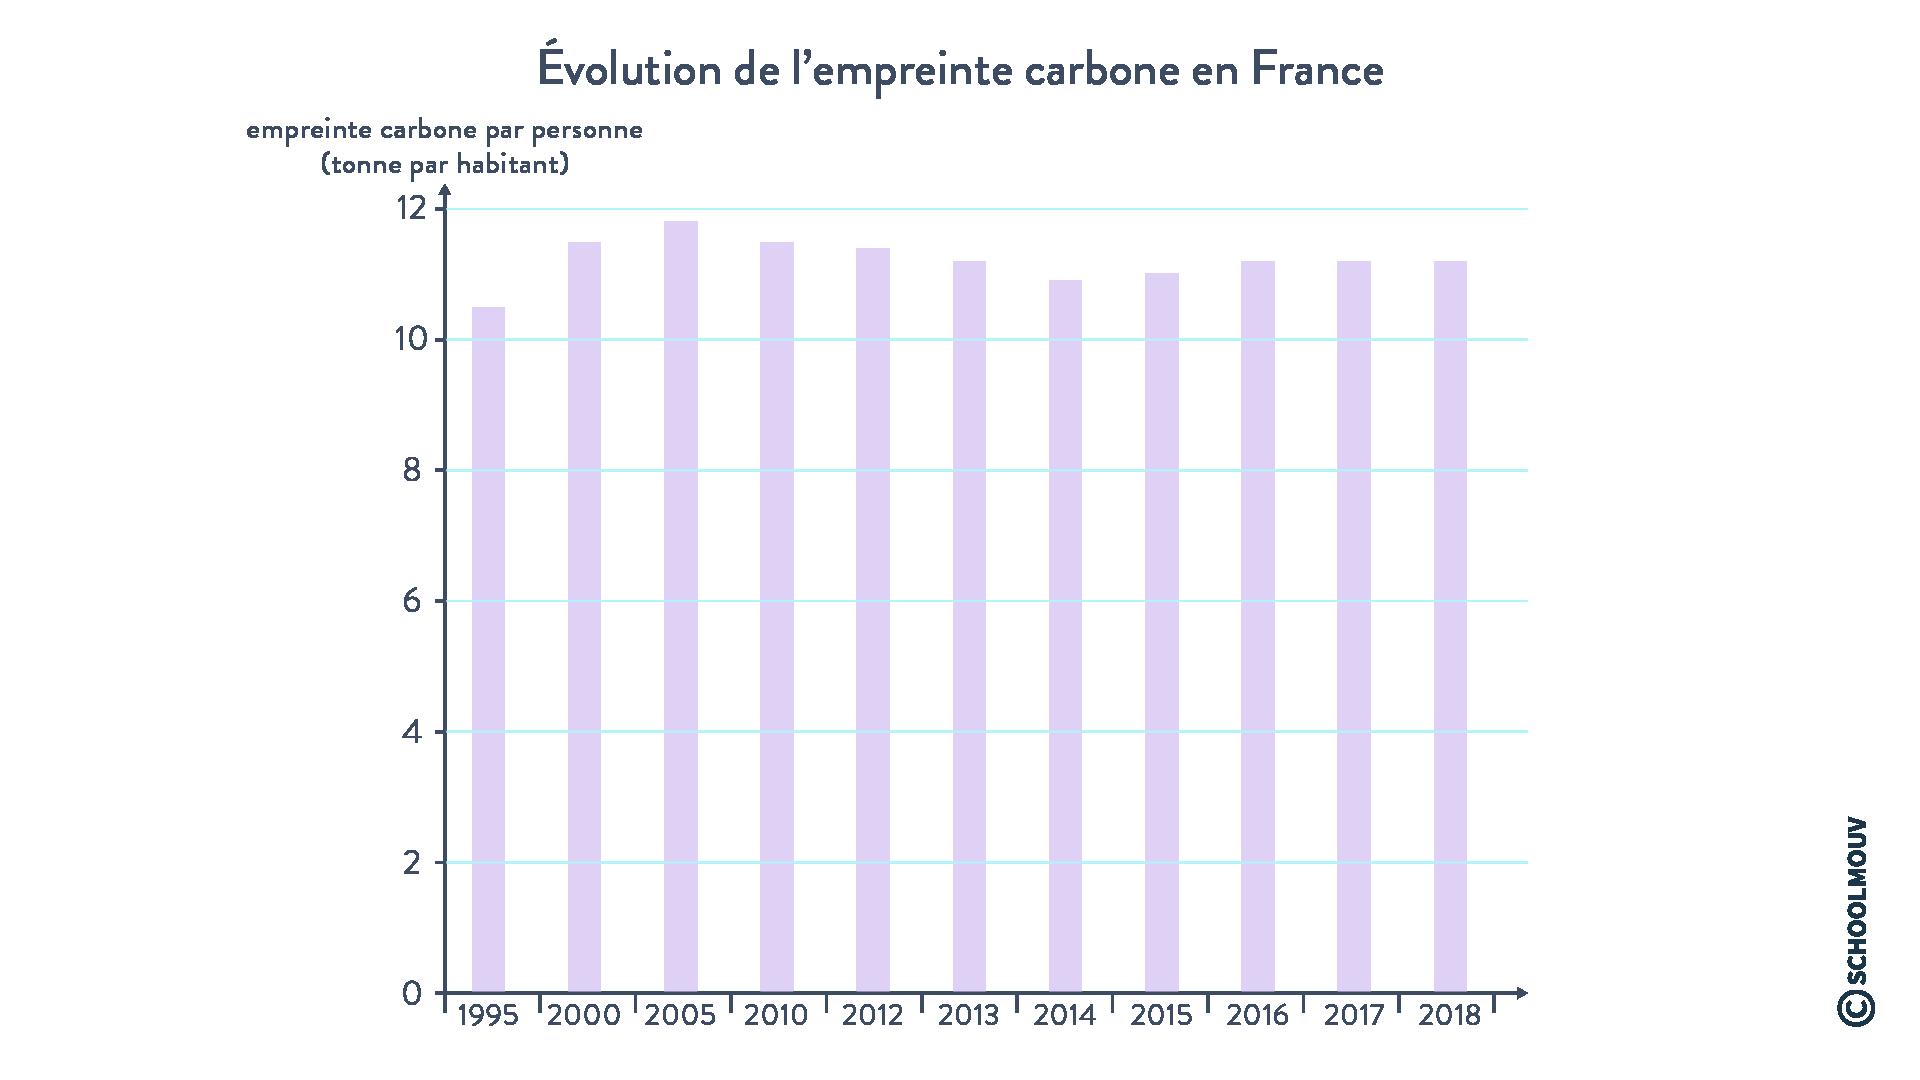 Évolution de l'empreinte carbone en France métropolitaine et outre-mer